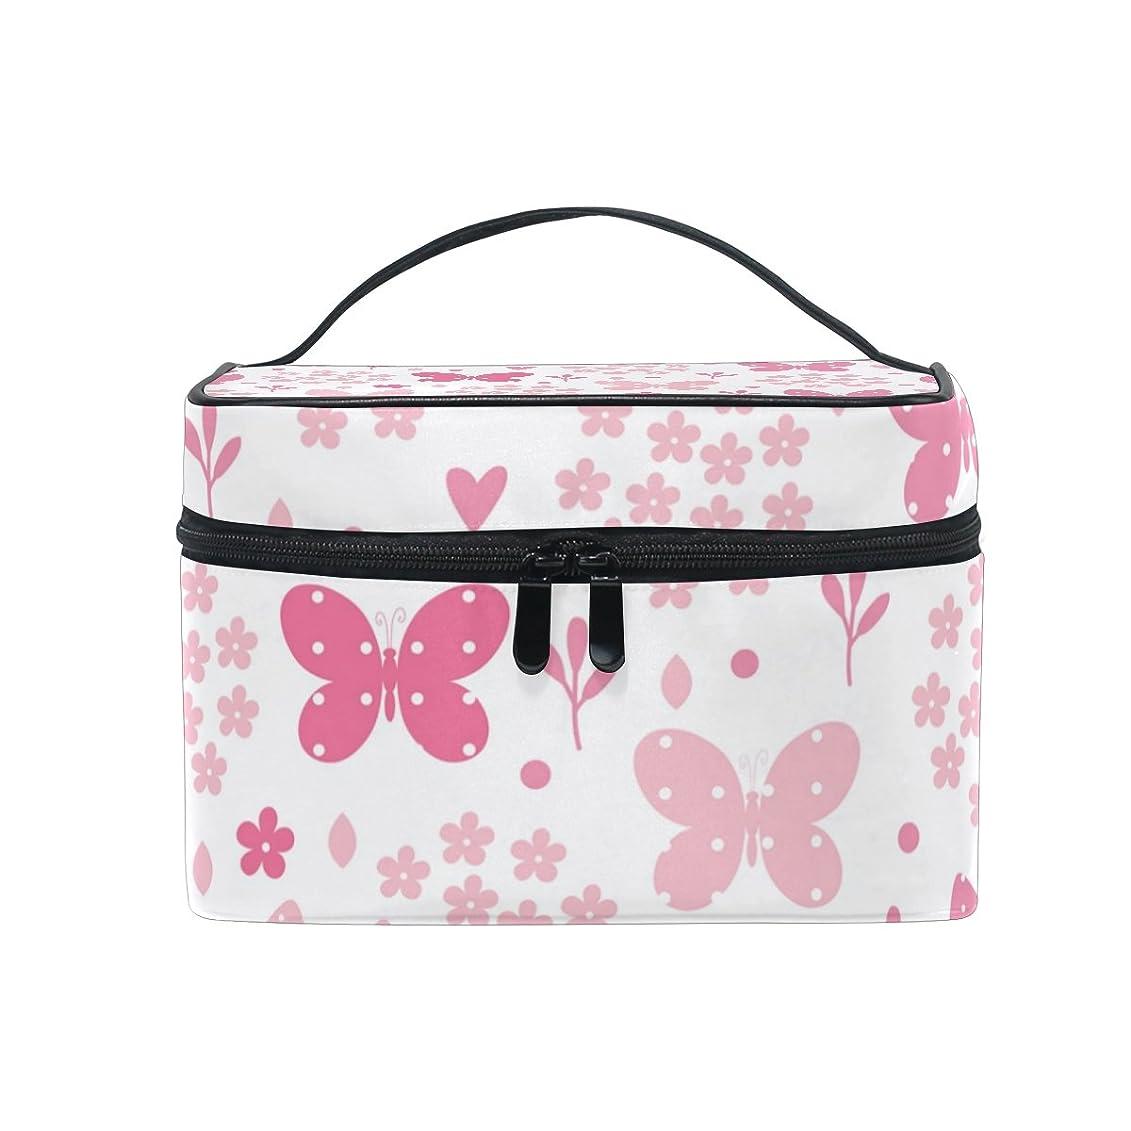 ヘリコプターヒューマニスティック行ALAZA 化粧ポーチ 花柄 はな柄 化粧 メイクボックス 収納用品 ピンク 大きめ かわいい